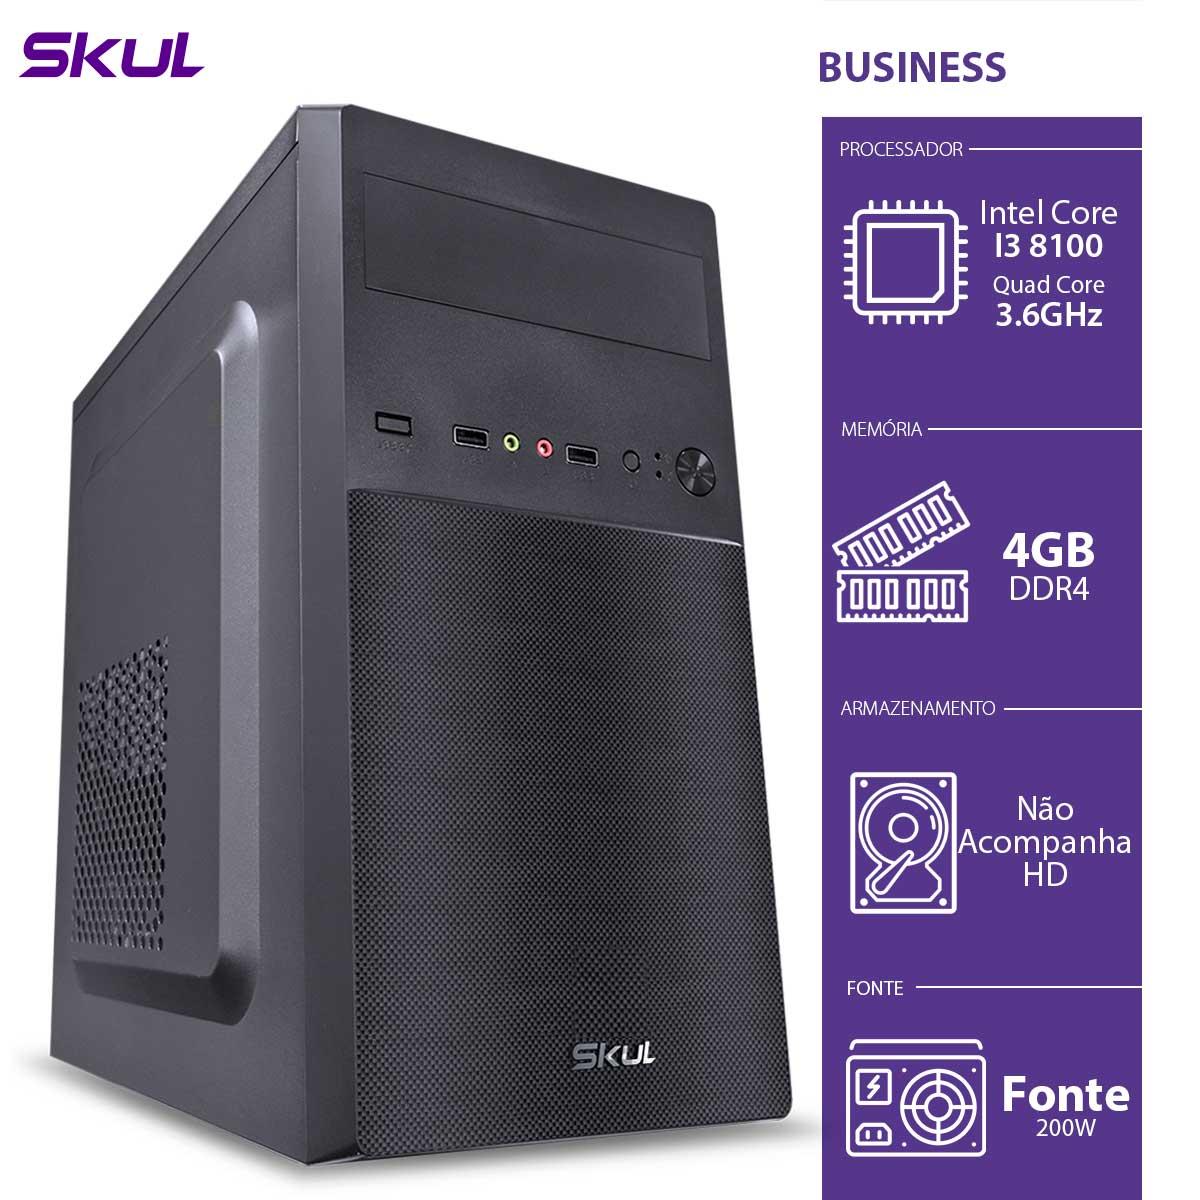 Computador Business B300 - I3-8100 3.6GHZ 4GB DDR4 sem HD/SSD HDMI/VGA Fonte 200W